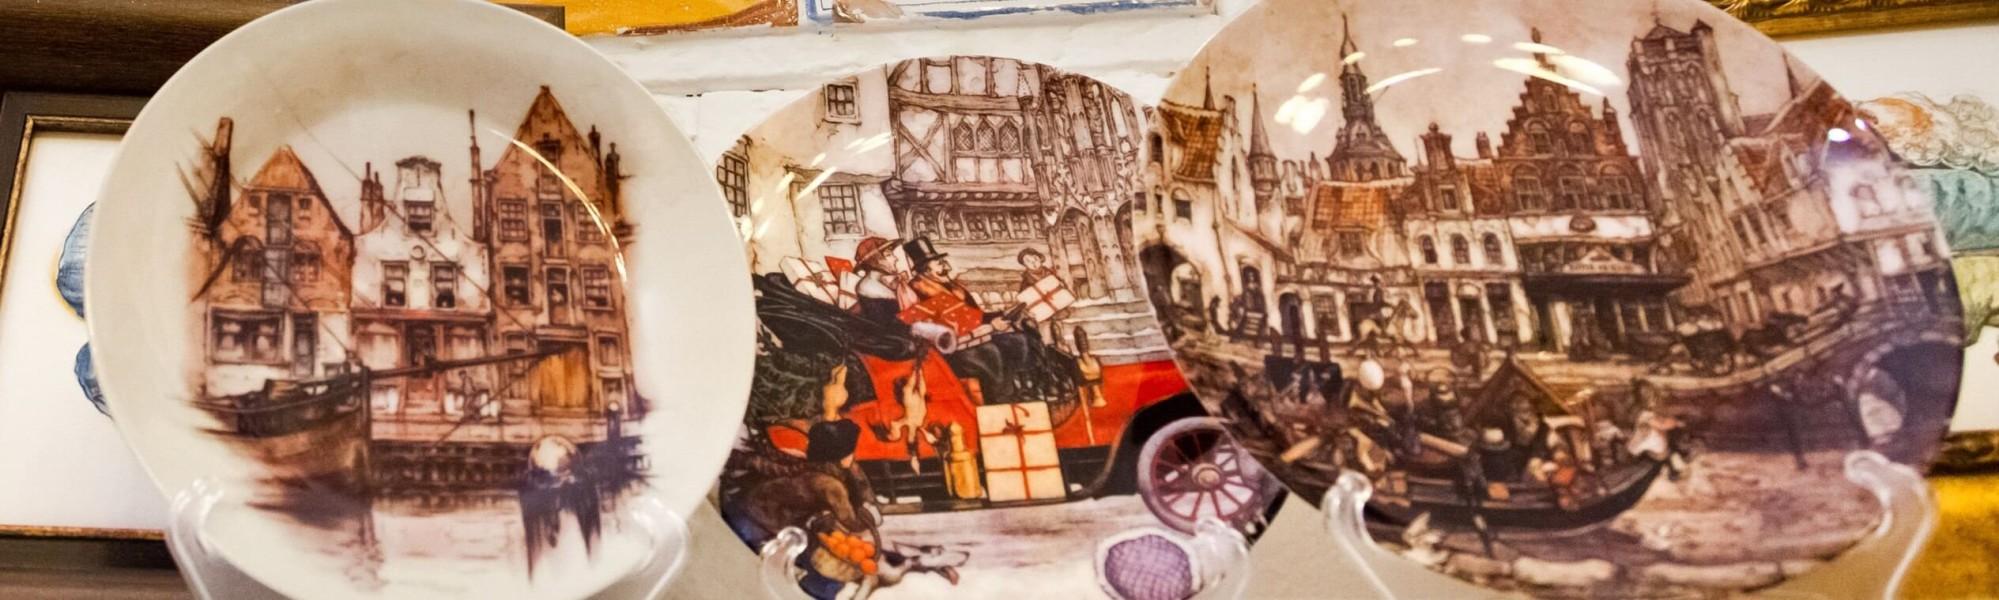 Декоративные керамические и стеклянные тарелки: фьюзинг, майолика, сублимационная печать, деколь. Авторская посуда в майоликовой глазури на заказ.